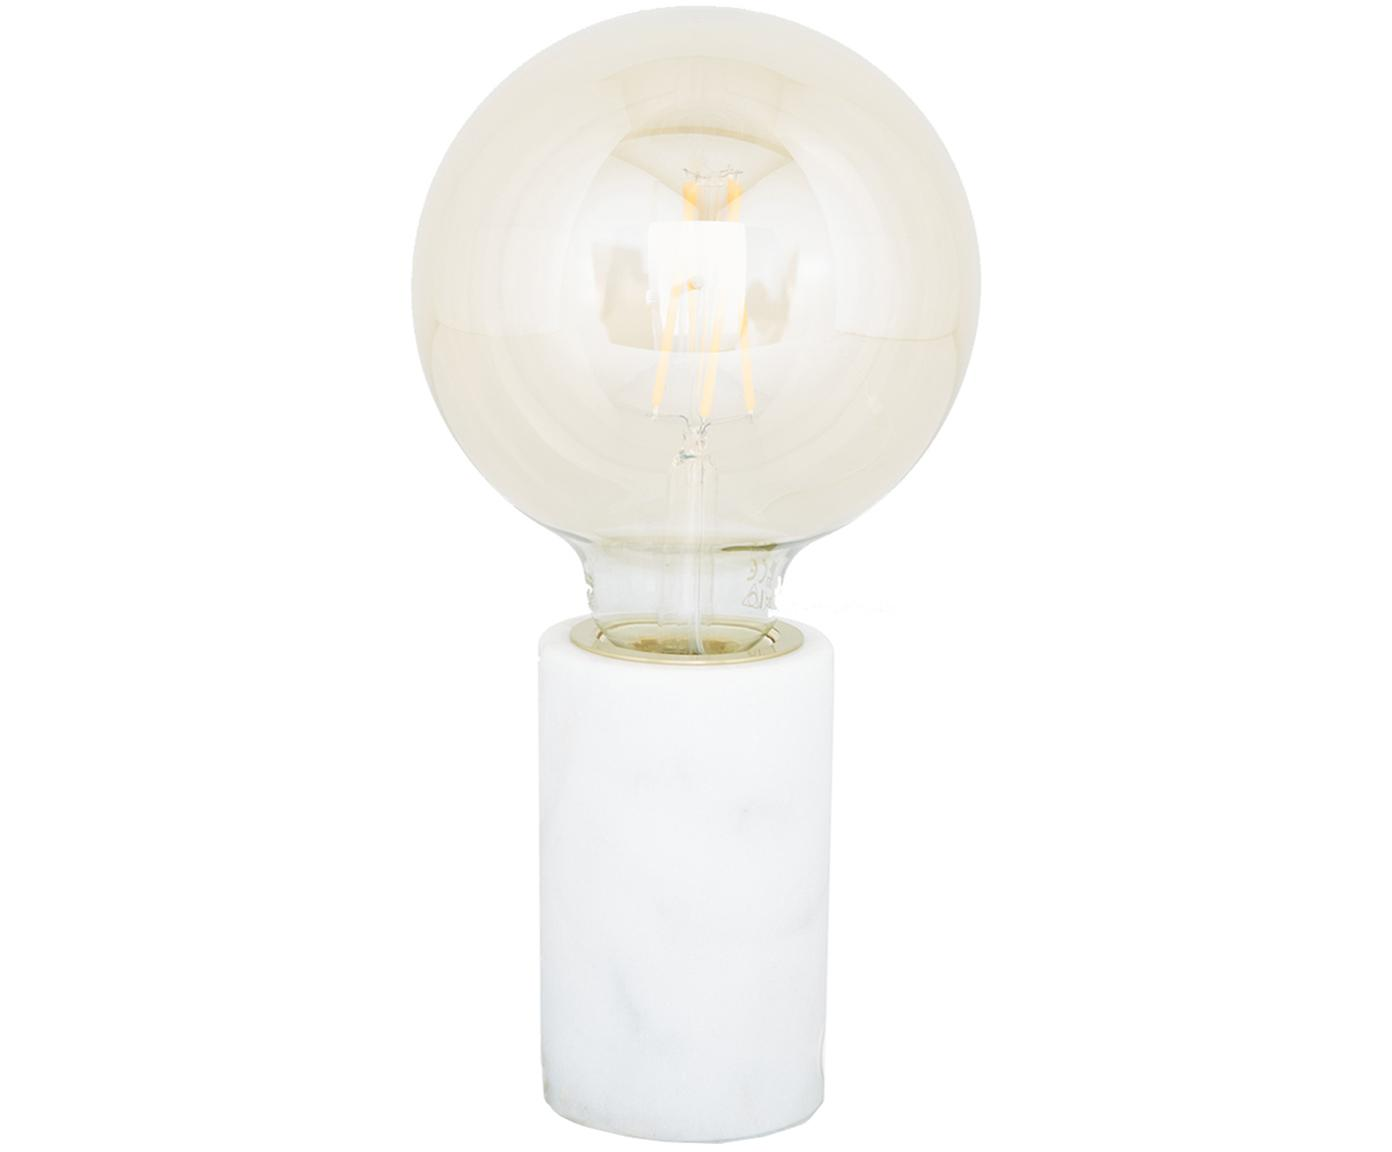 Kleine Marmor-Tischleuchte Siv, Marmor, Weiß, Ø 6 x H 10 cm